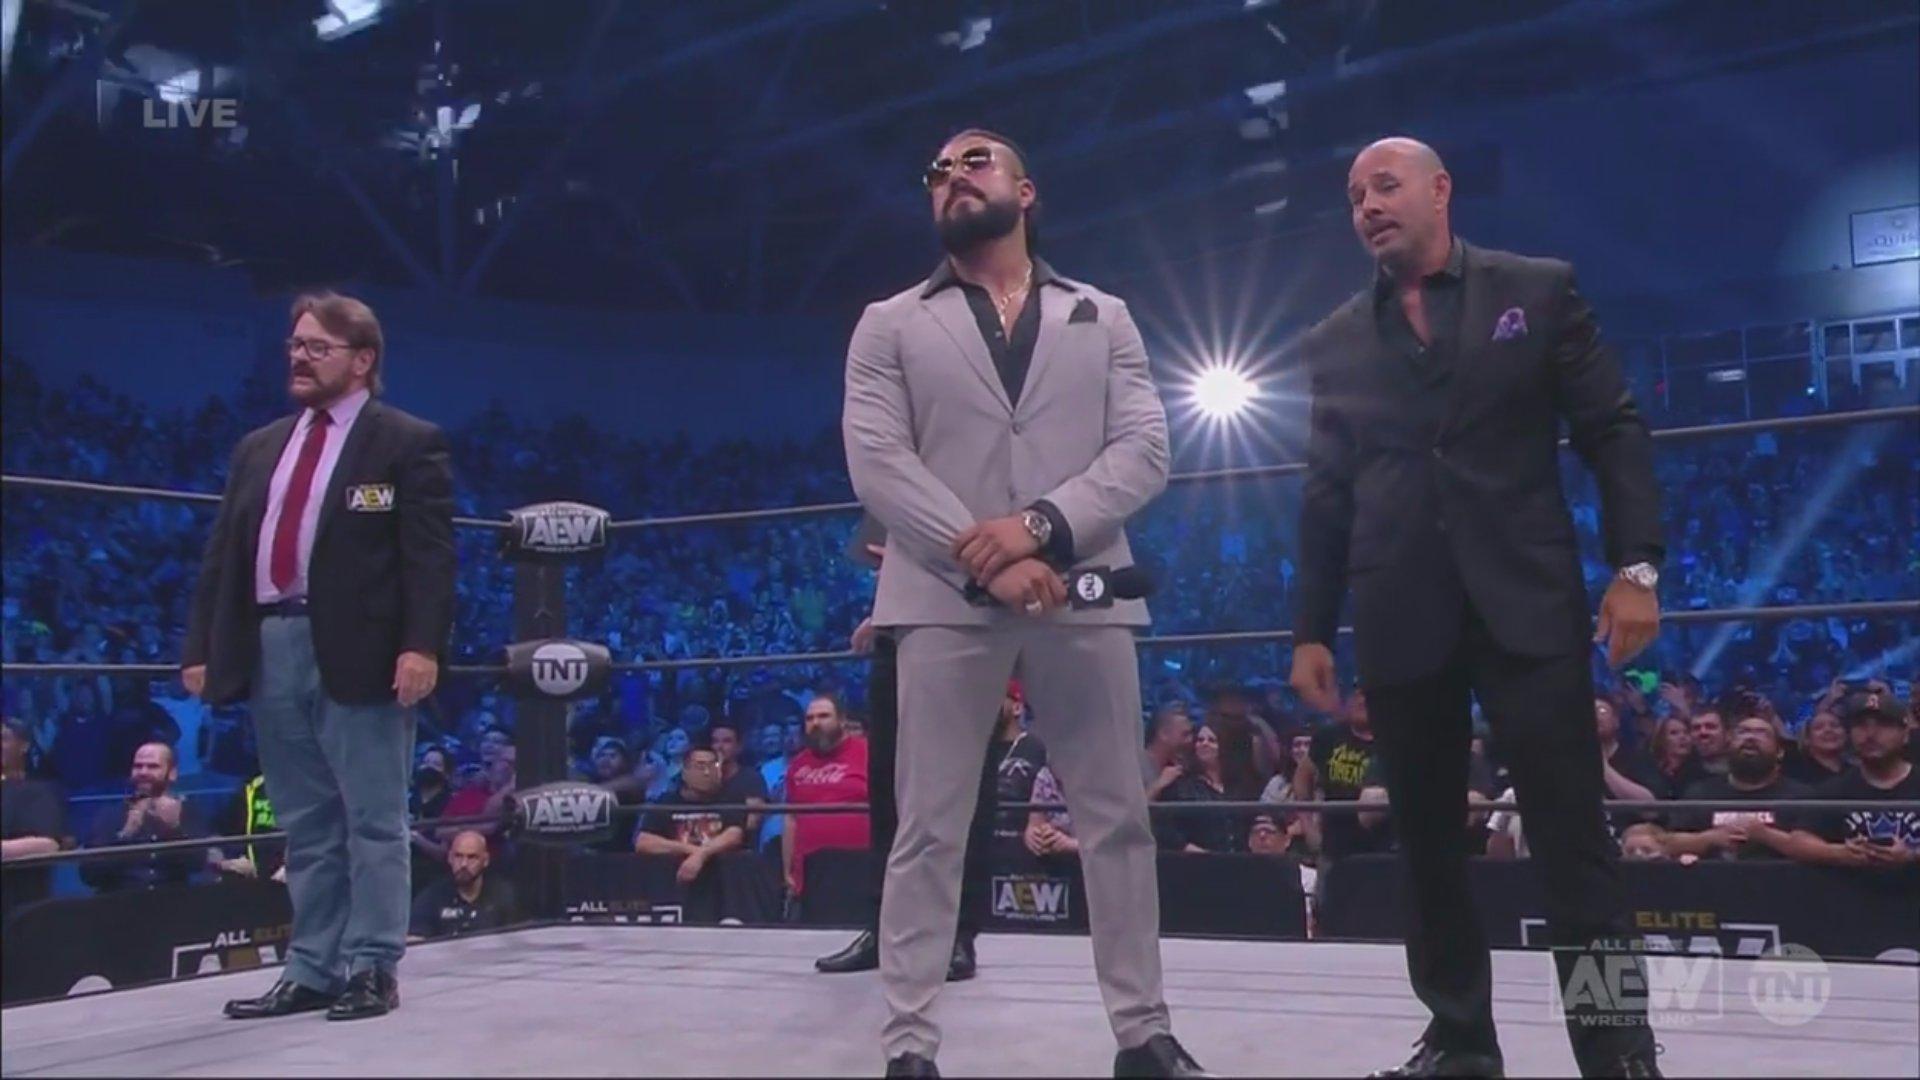 Chavo Guerrero debuta en AEW con Dynamite: Fyter Fest - Noticias Ultimas